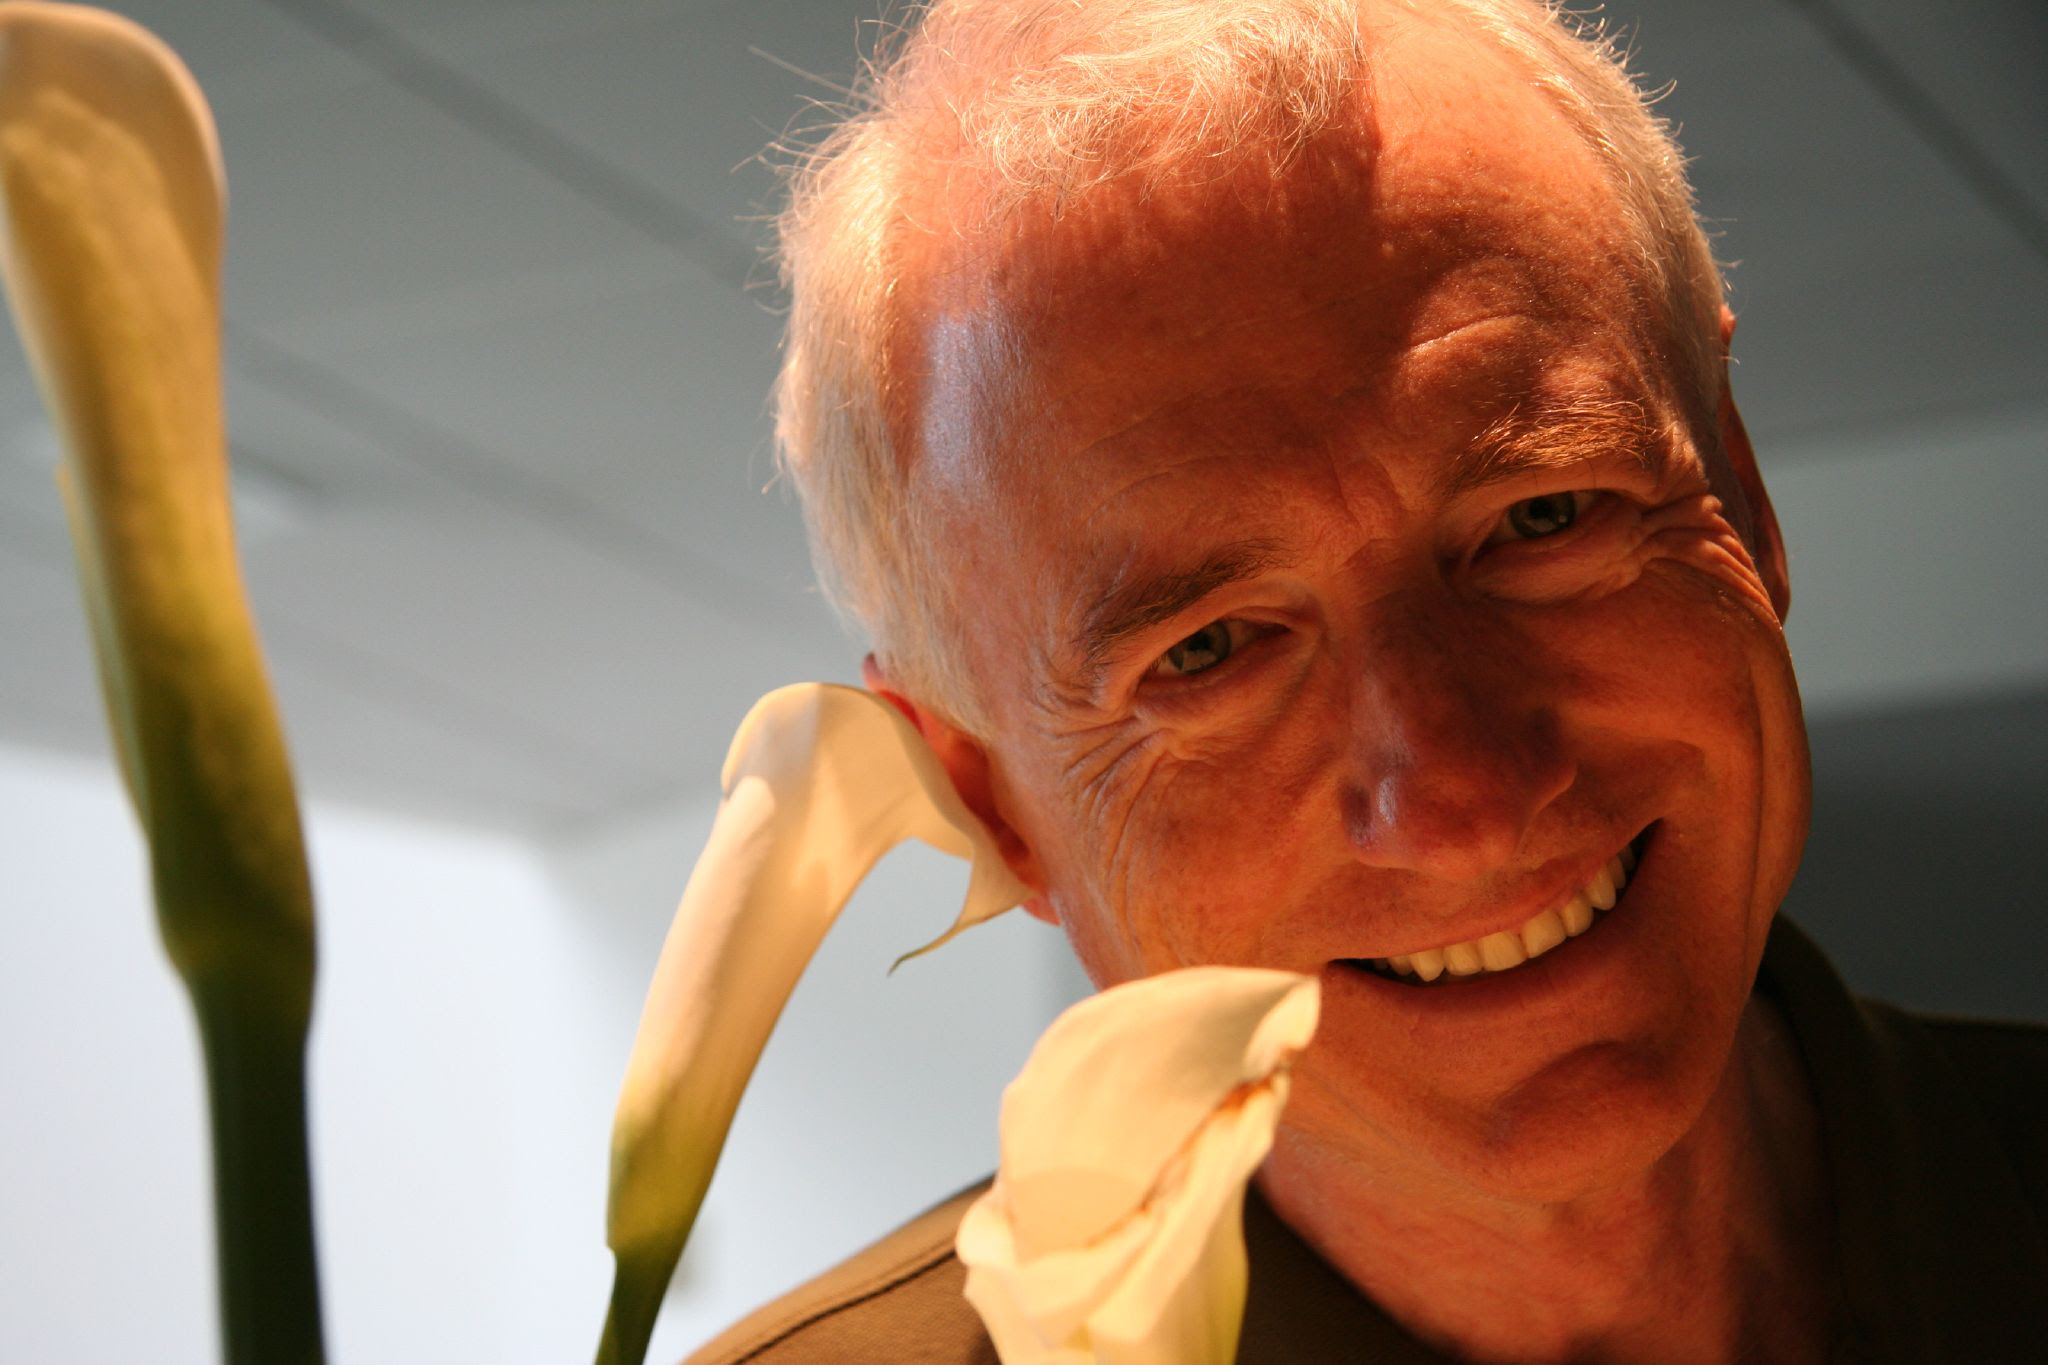 http://upload.wikimedia.org/wikipedia/commons/c/c3/Larry_Tesler_Smiles_at_Whisper.jpeg